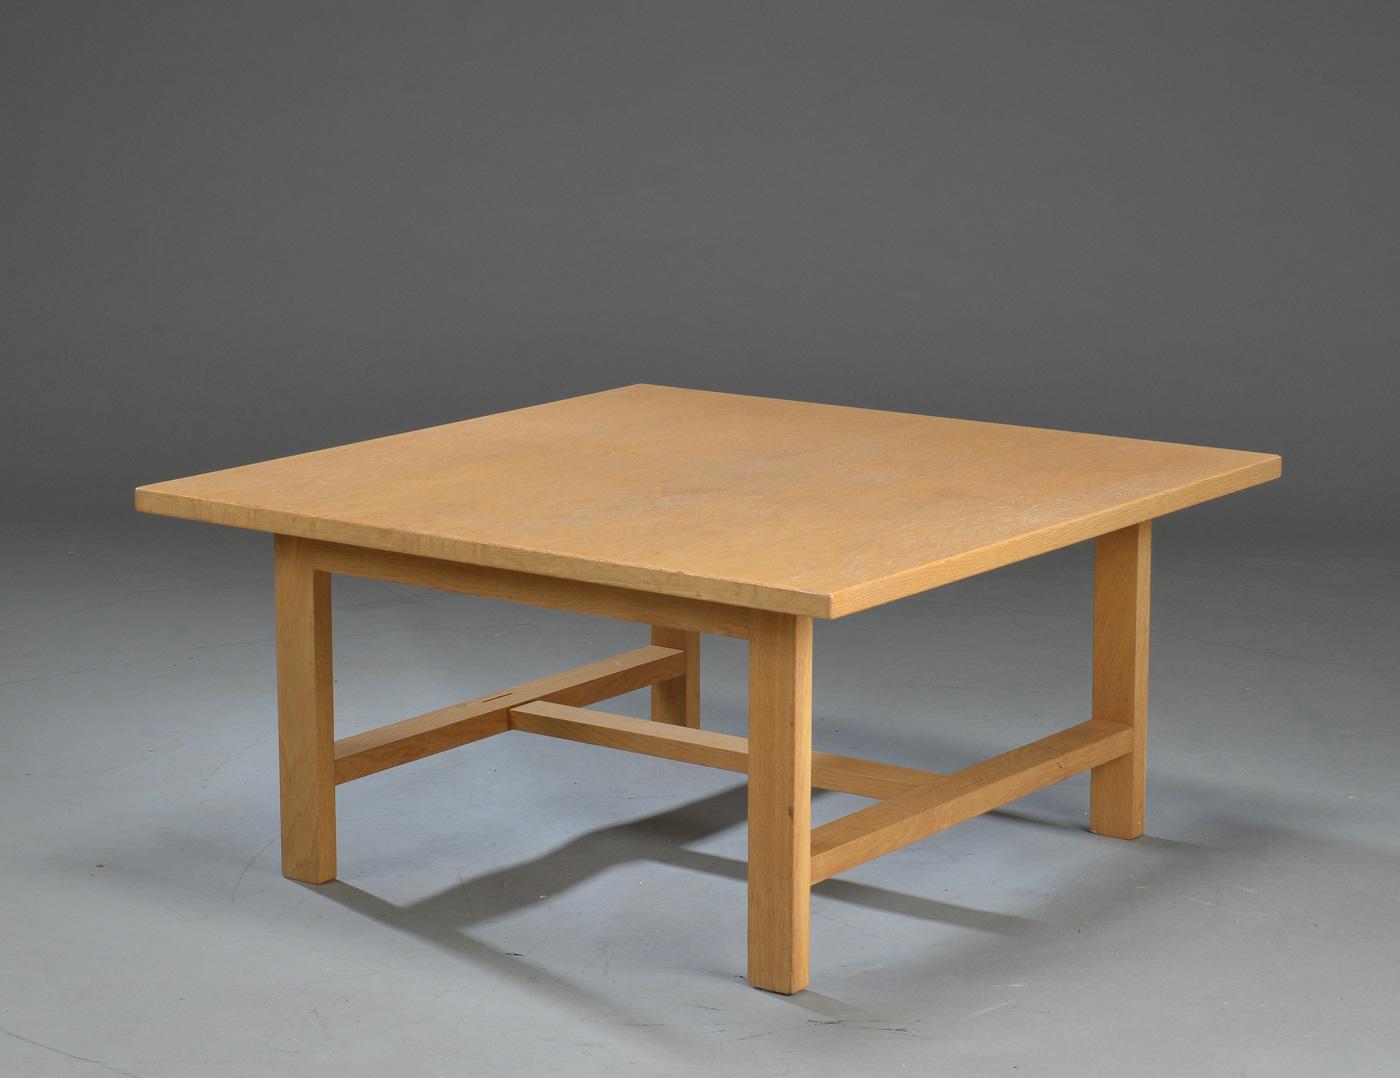 Auktionstipset - Hans J. Wegner: Kvadratisk sofabord af eg